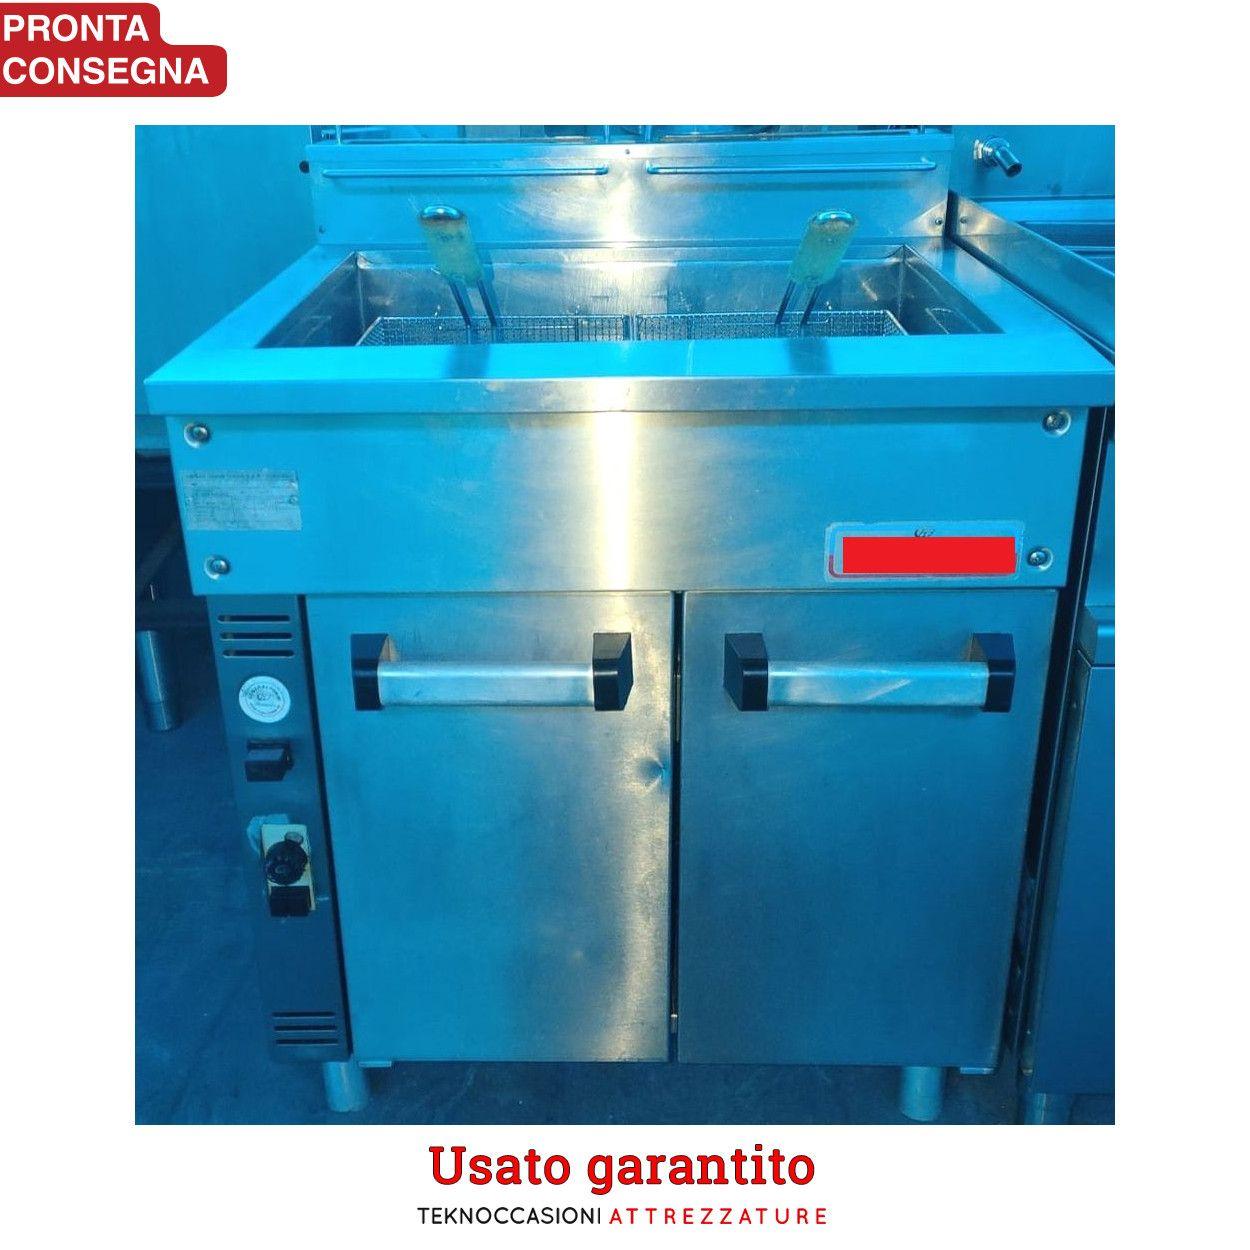 Friggitrice a gas per pasticceria usata garantita